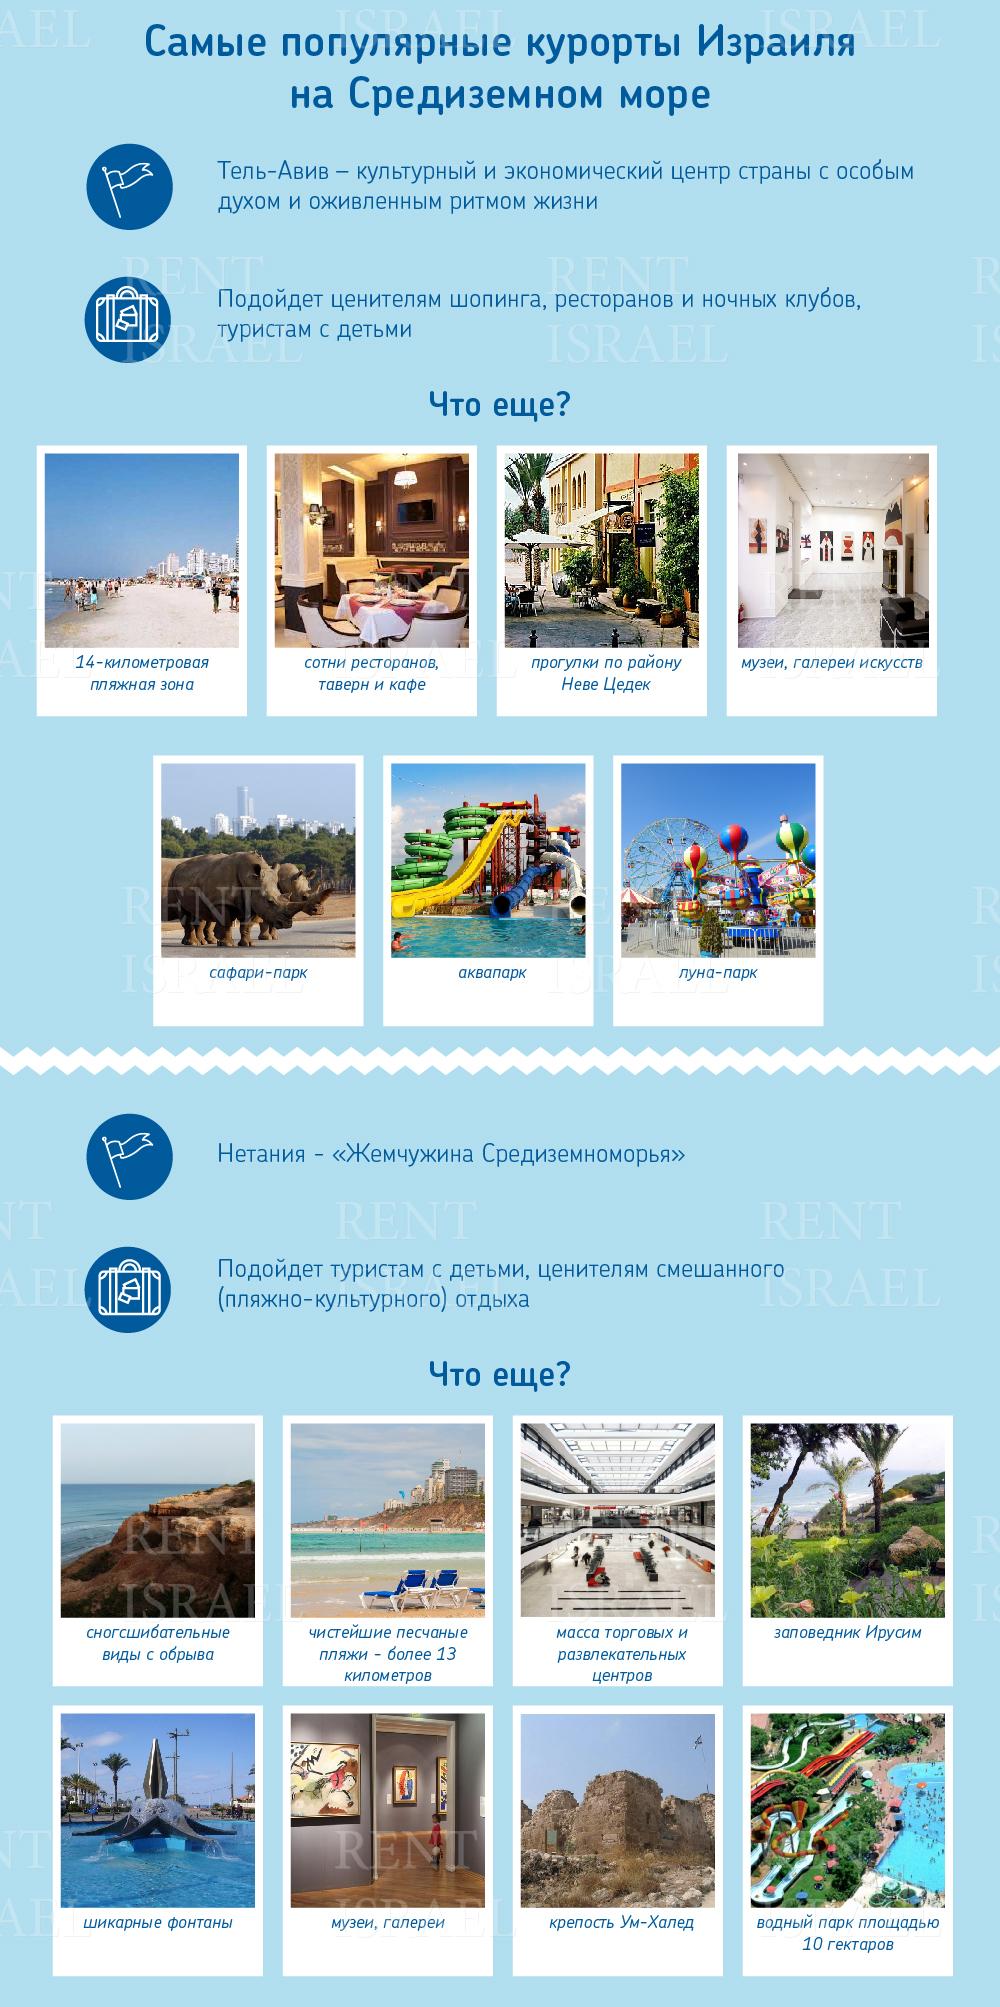 Полезная информация  о курортах